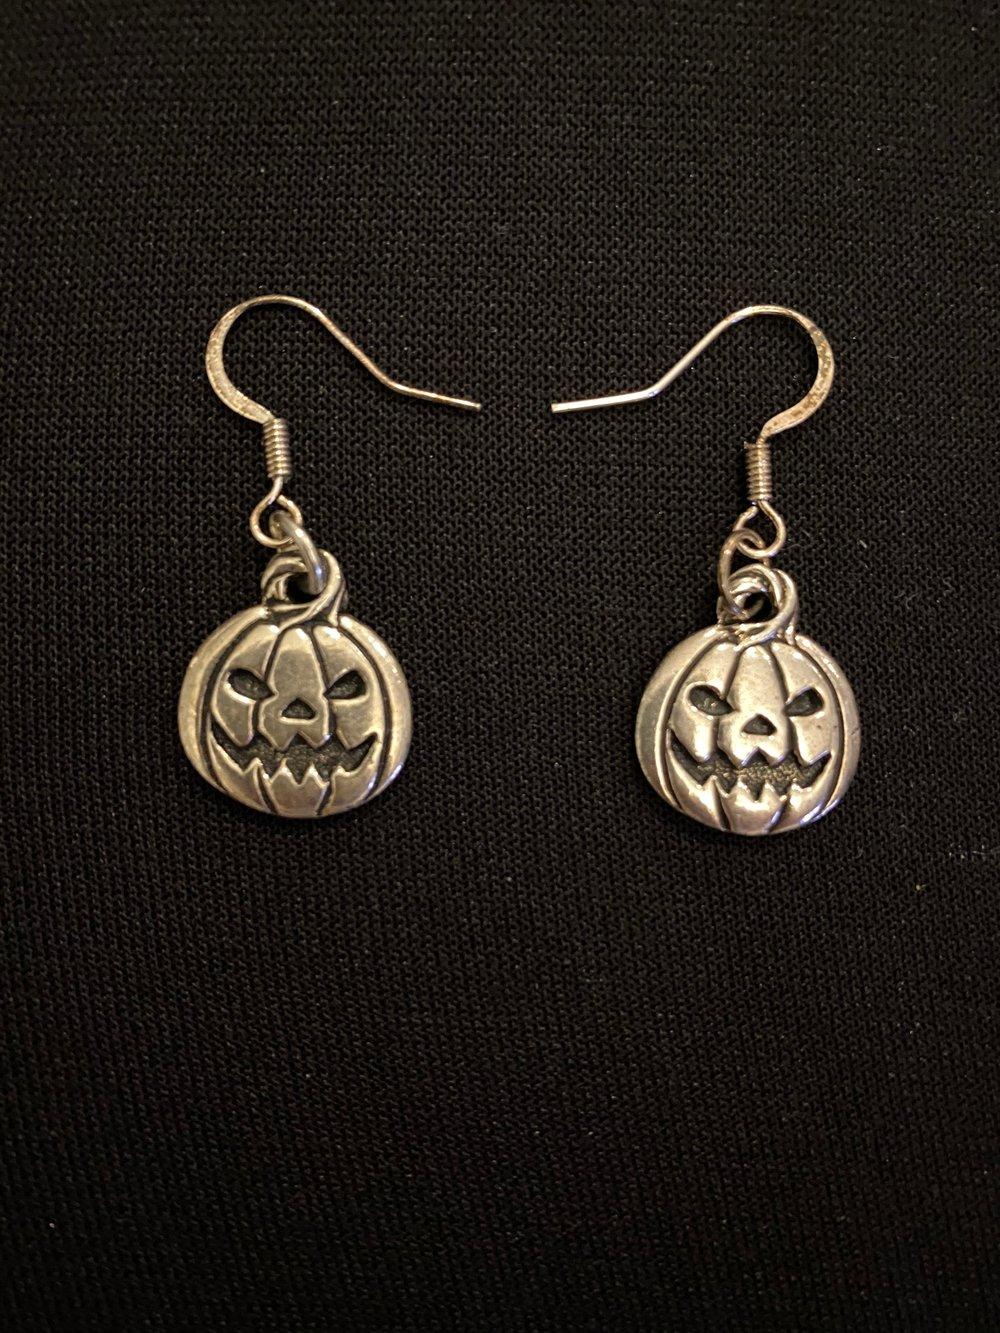 Silver Pumpkin Earrings